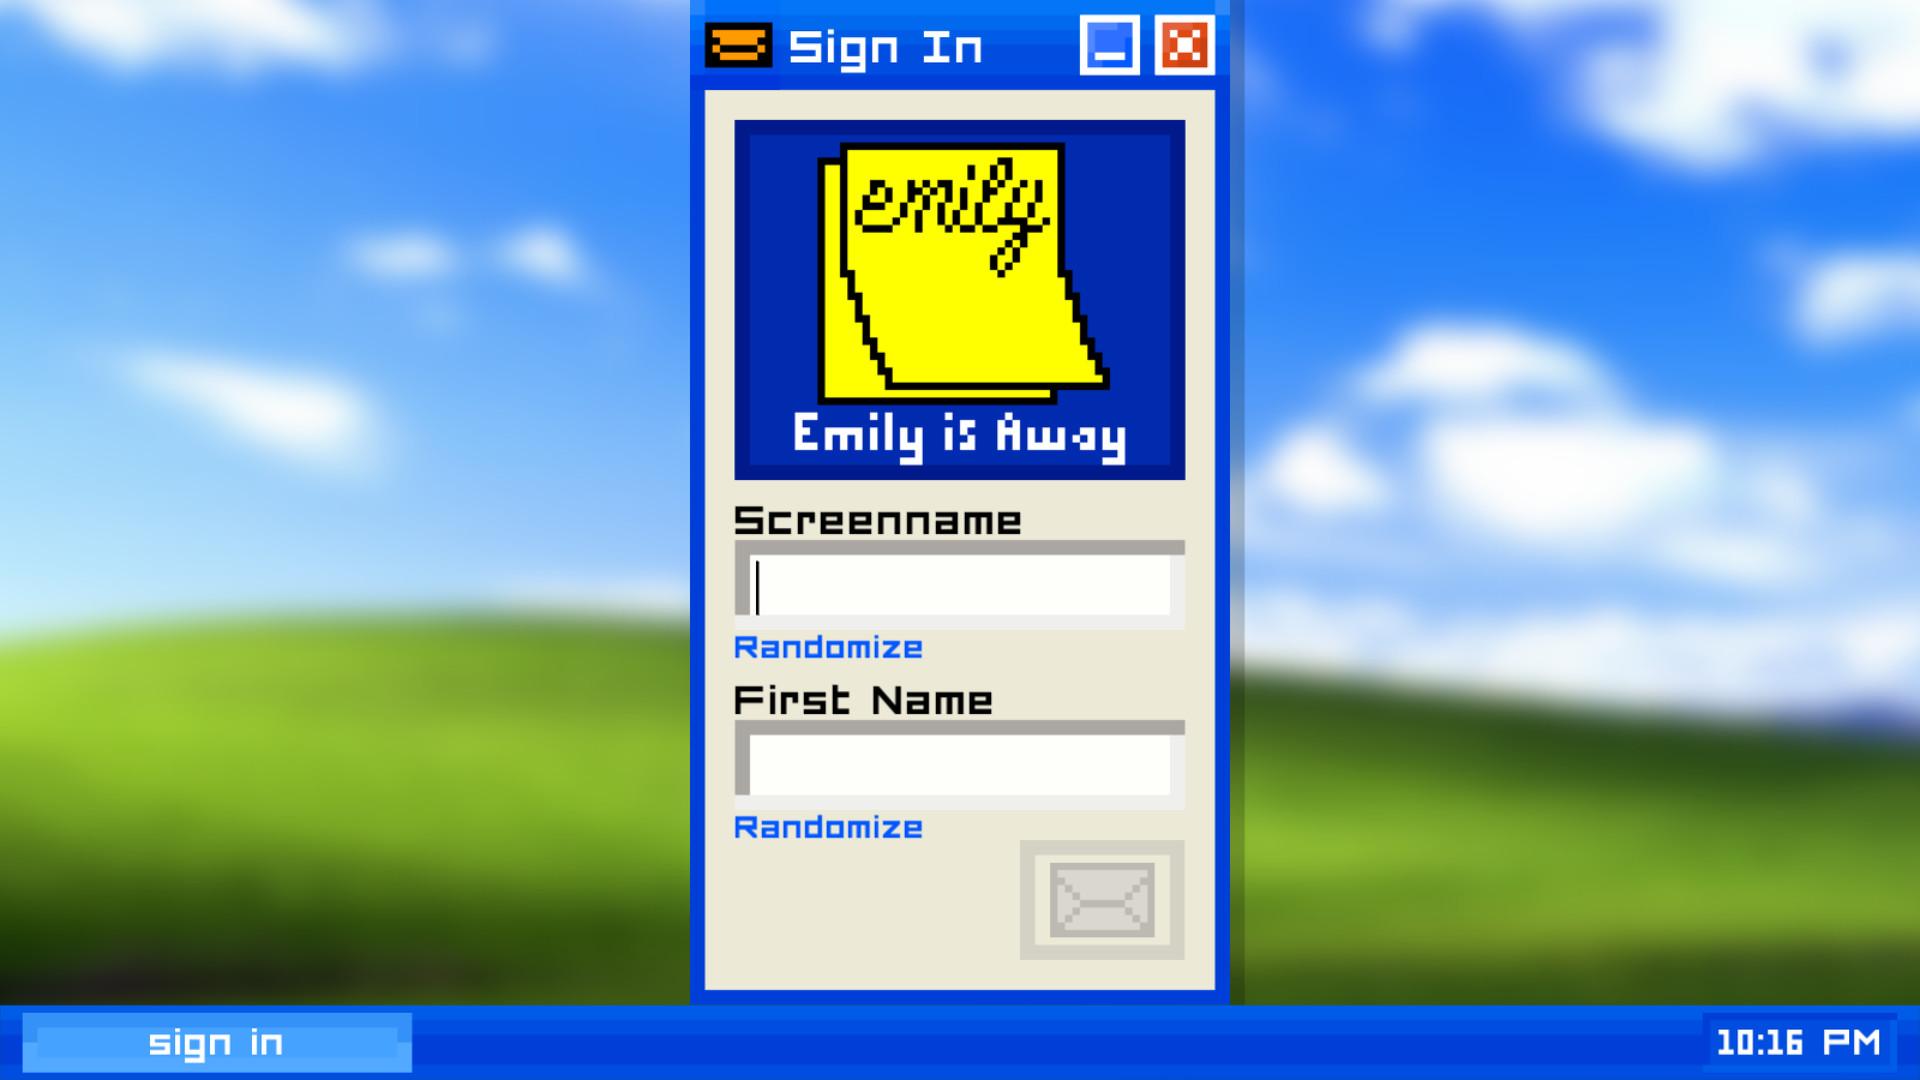 艾米莉离开了(Emily is Away)截图0